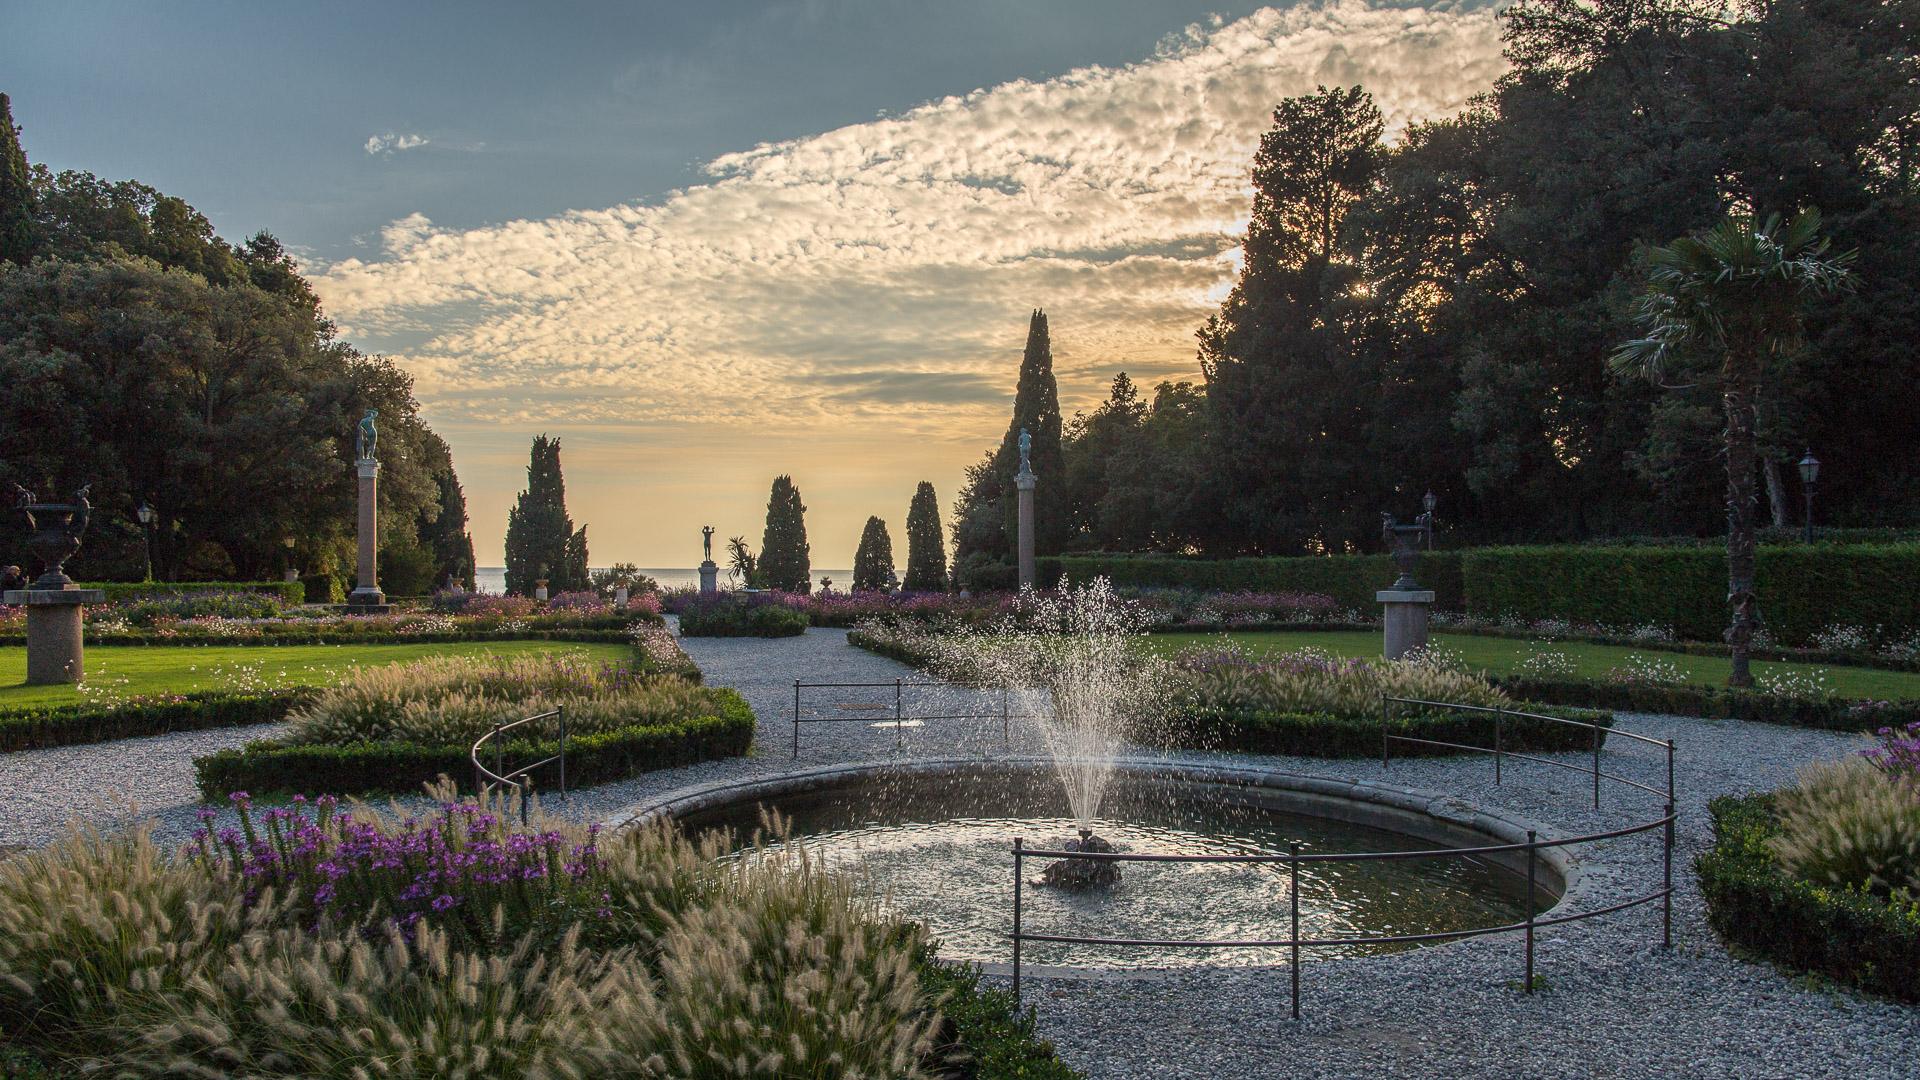 Der Garten des Castello di Miramare